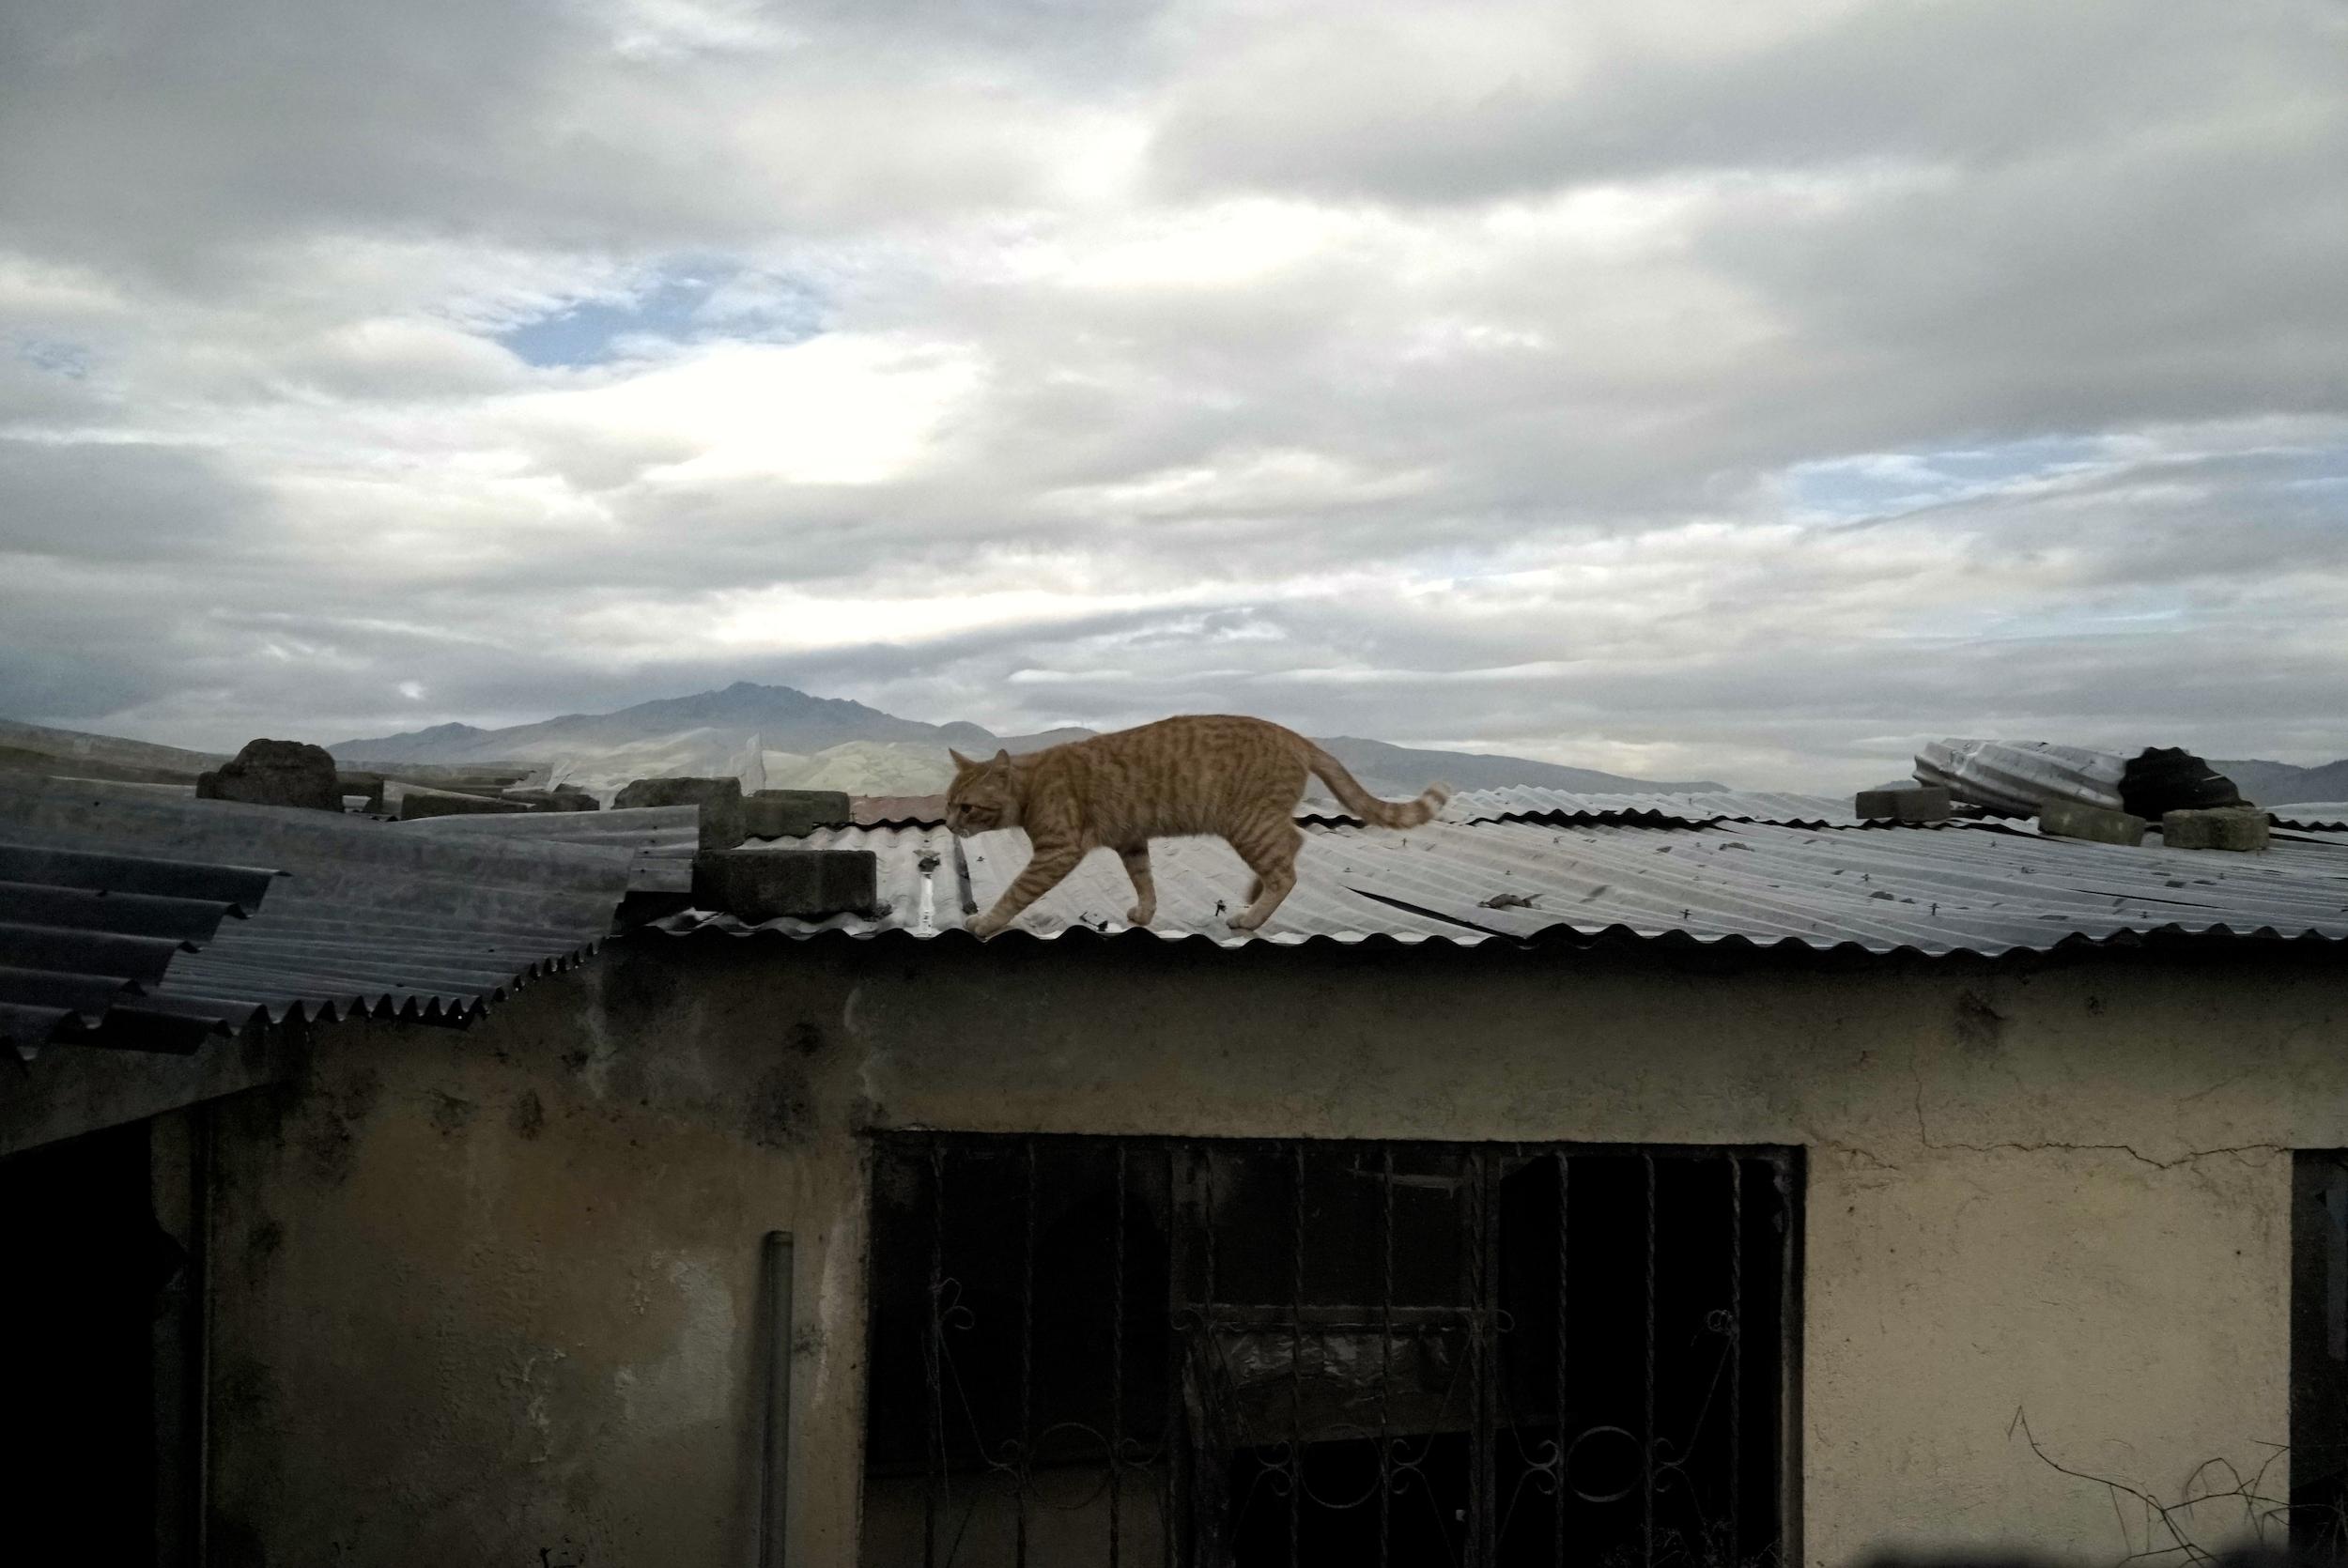 Pancho sur le toit.jpg